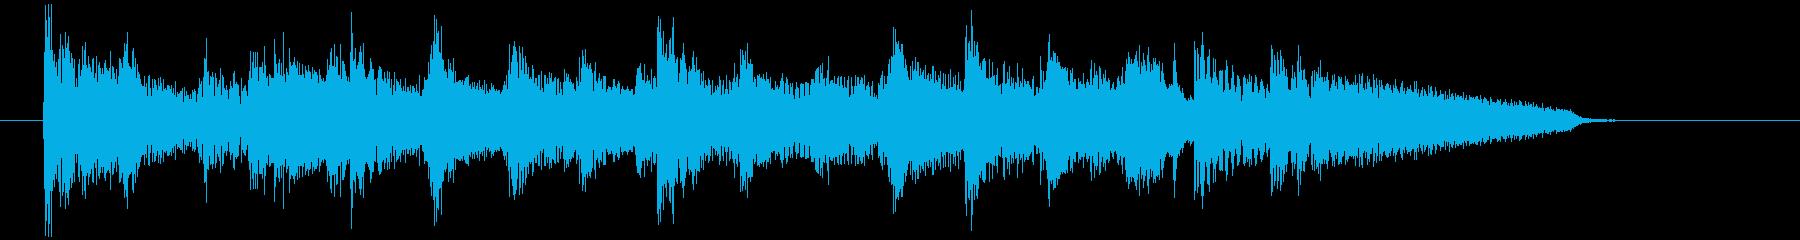 おしゃれなジャズピアノのジングル シックの再生済みの波形